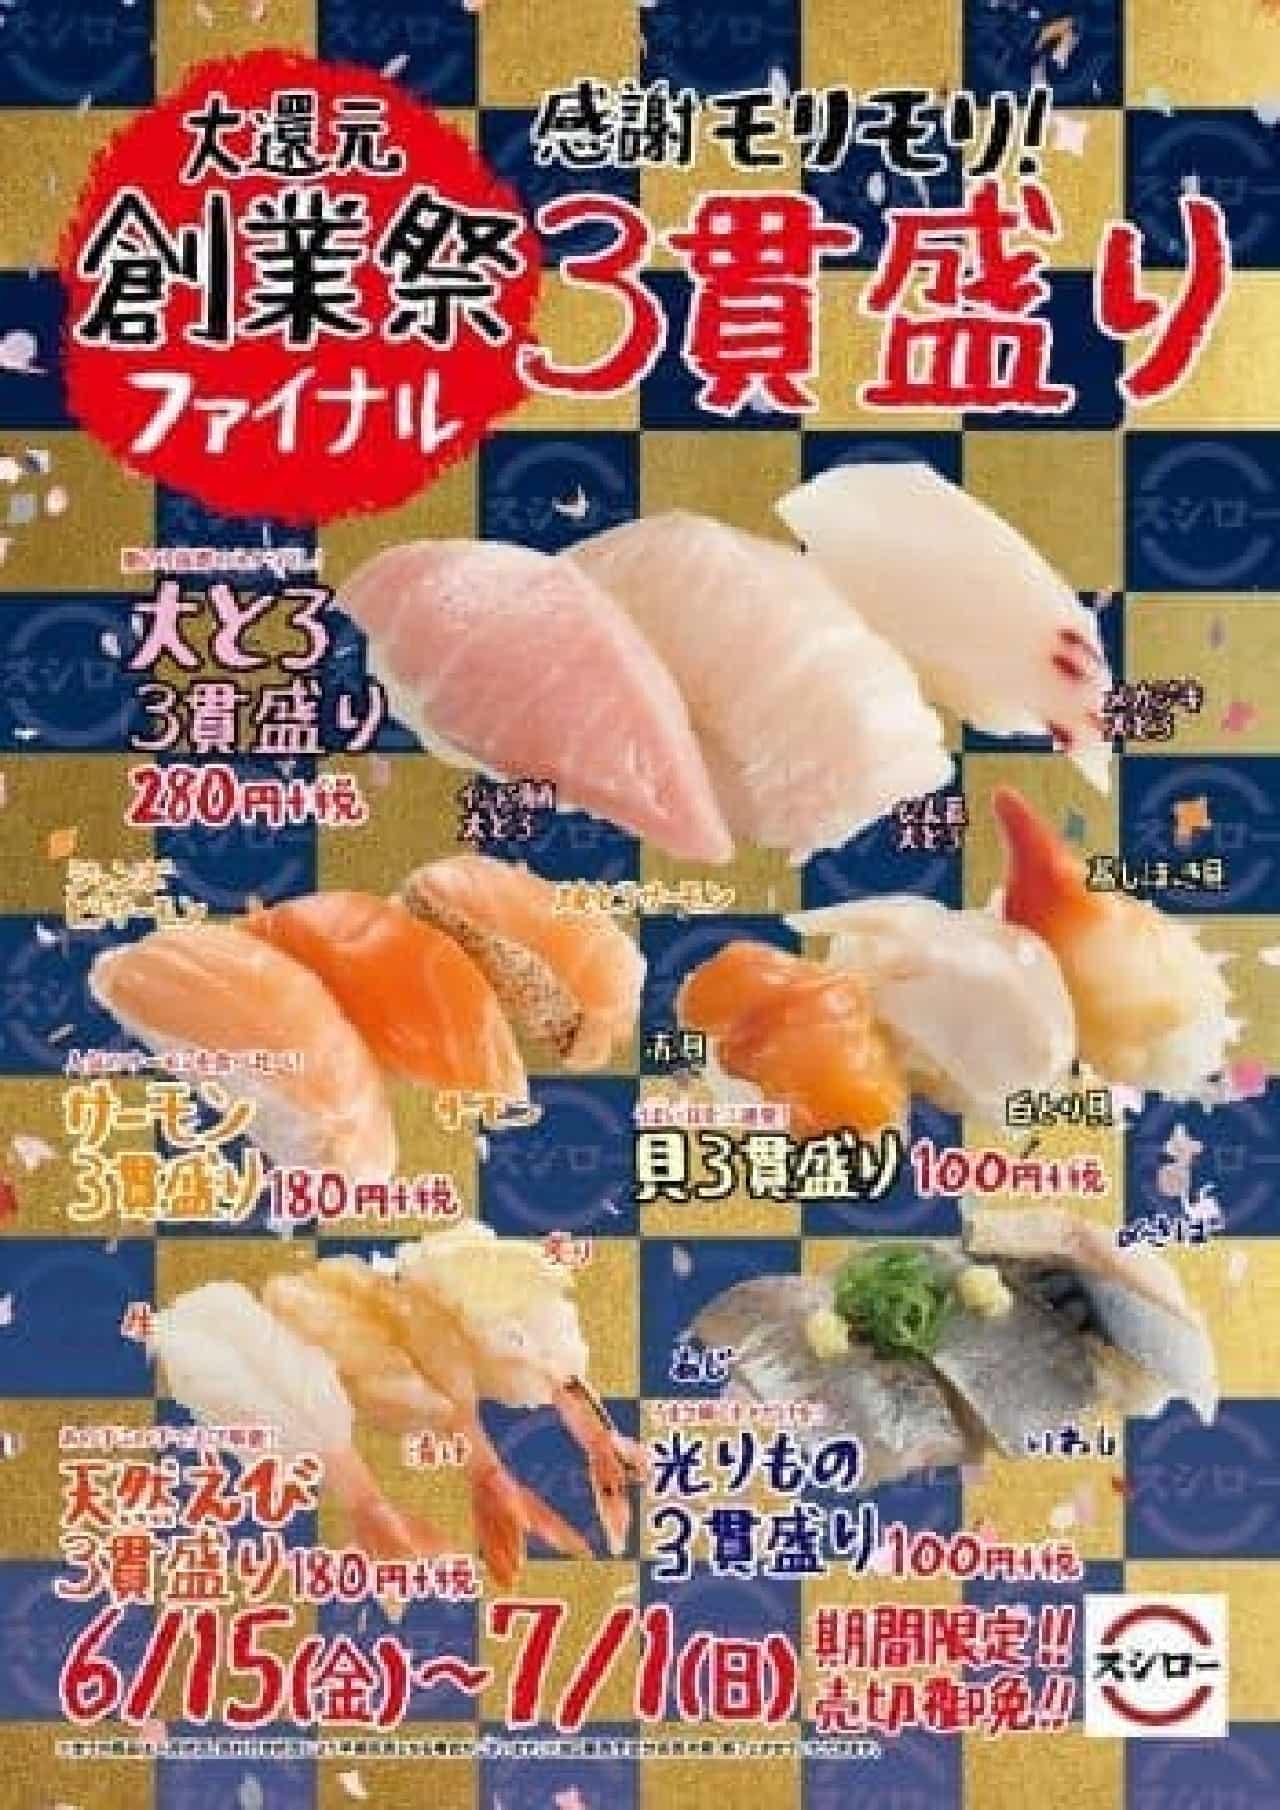 スシロー創業祭・ファイナル お得な「3貫盛り」登場